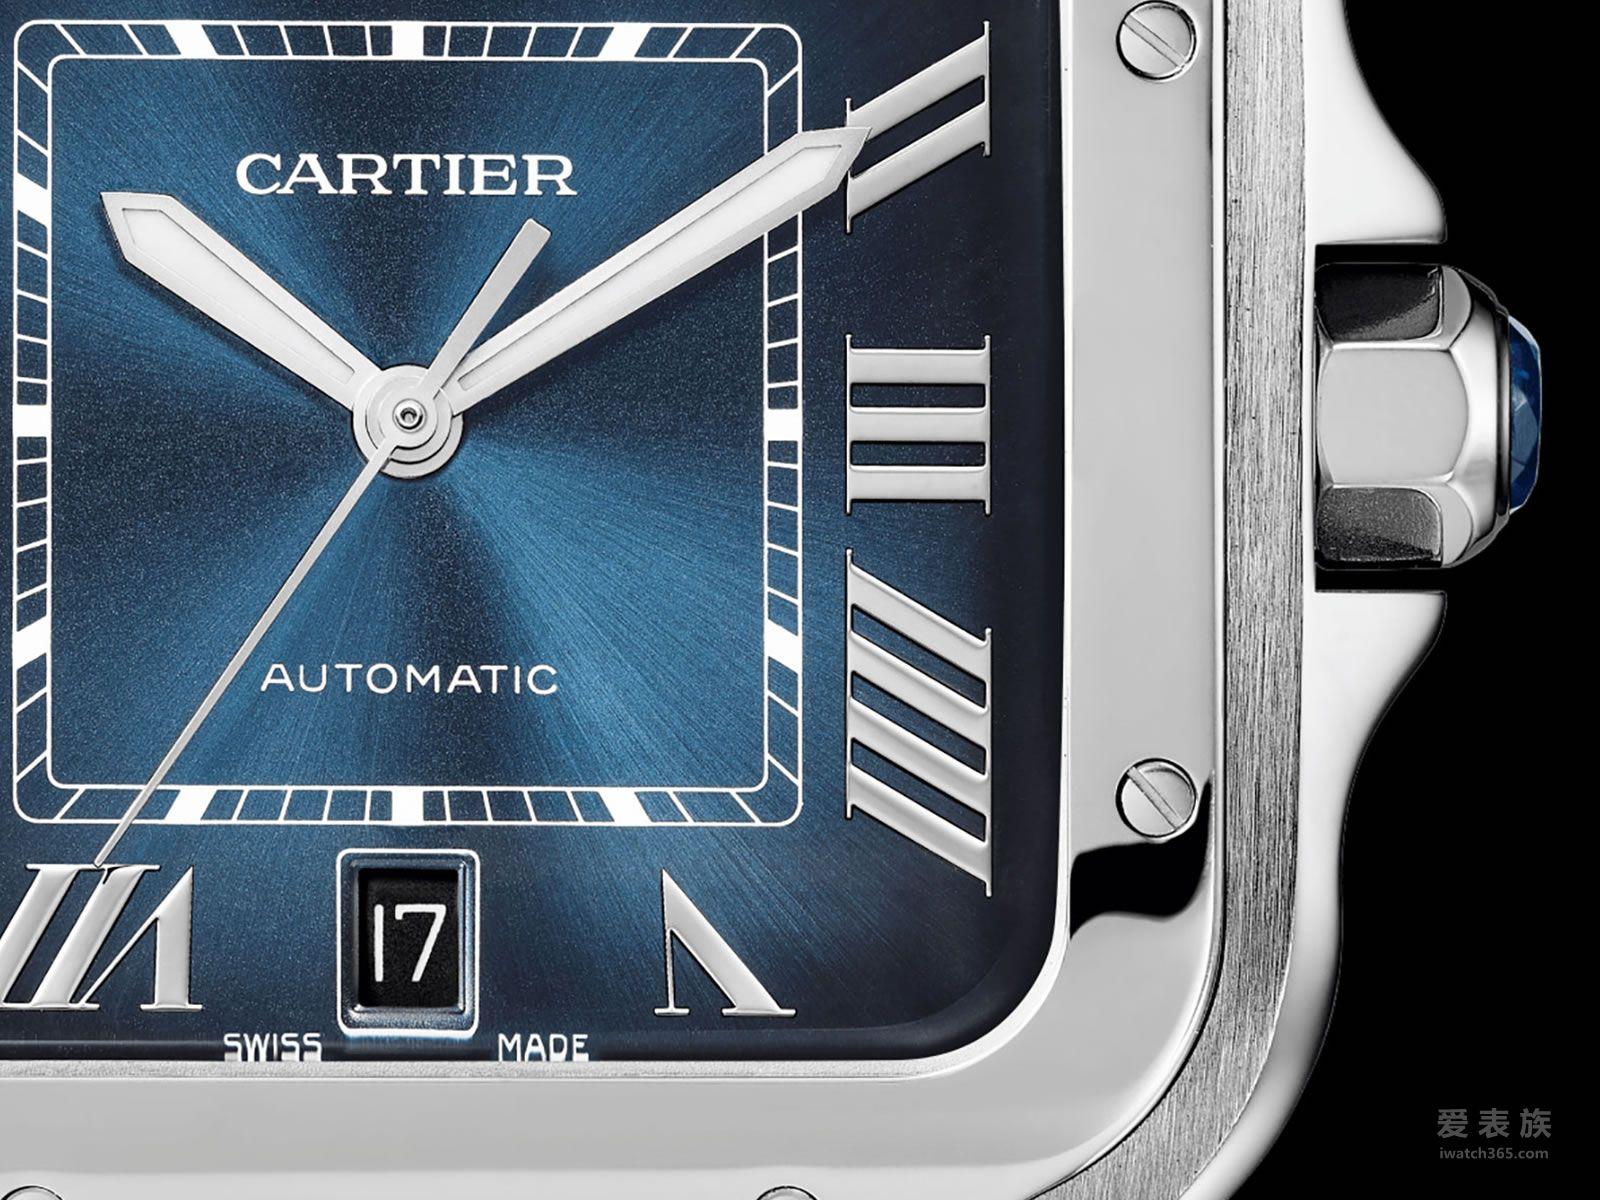 卡地亚第一枚蓝面山度士腕表